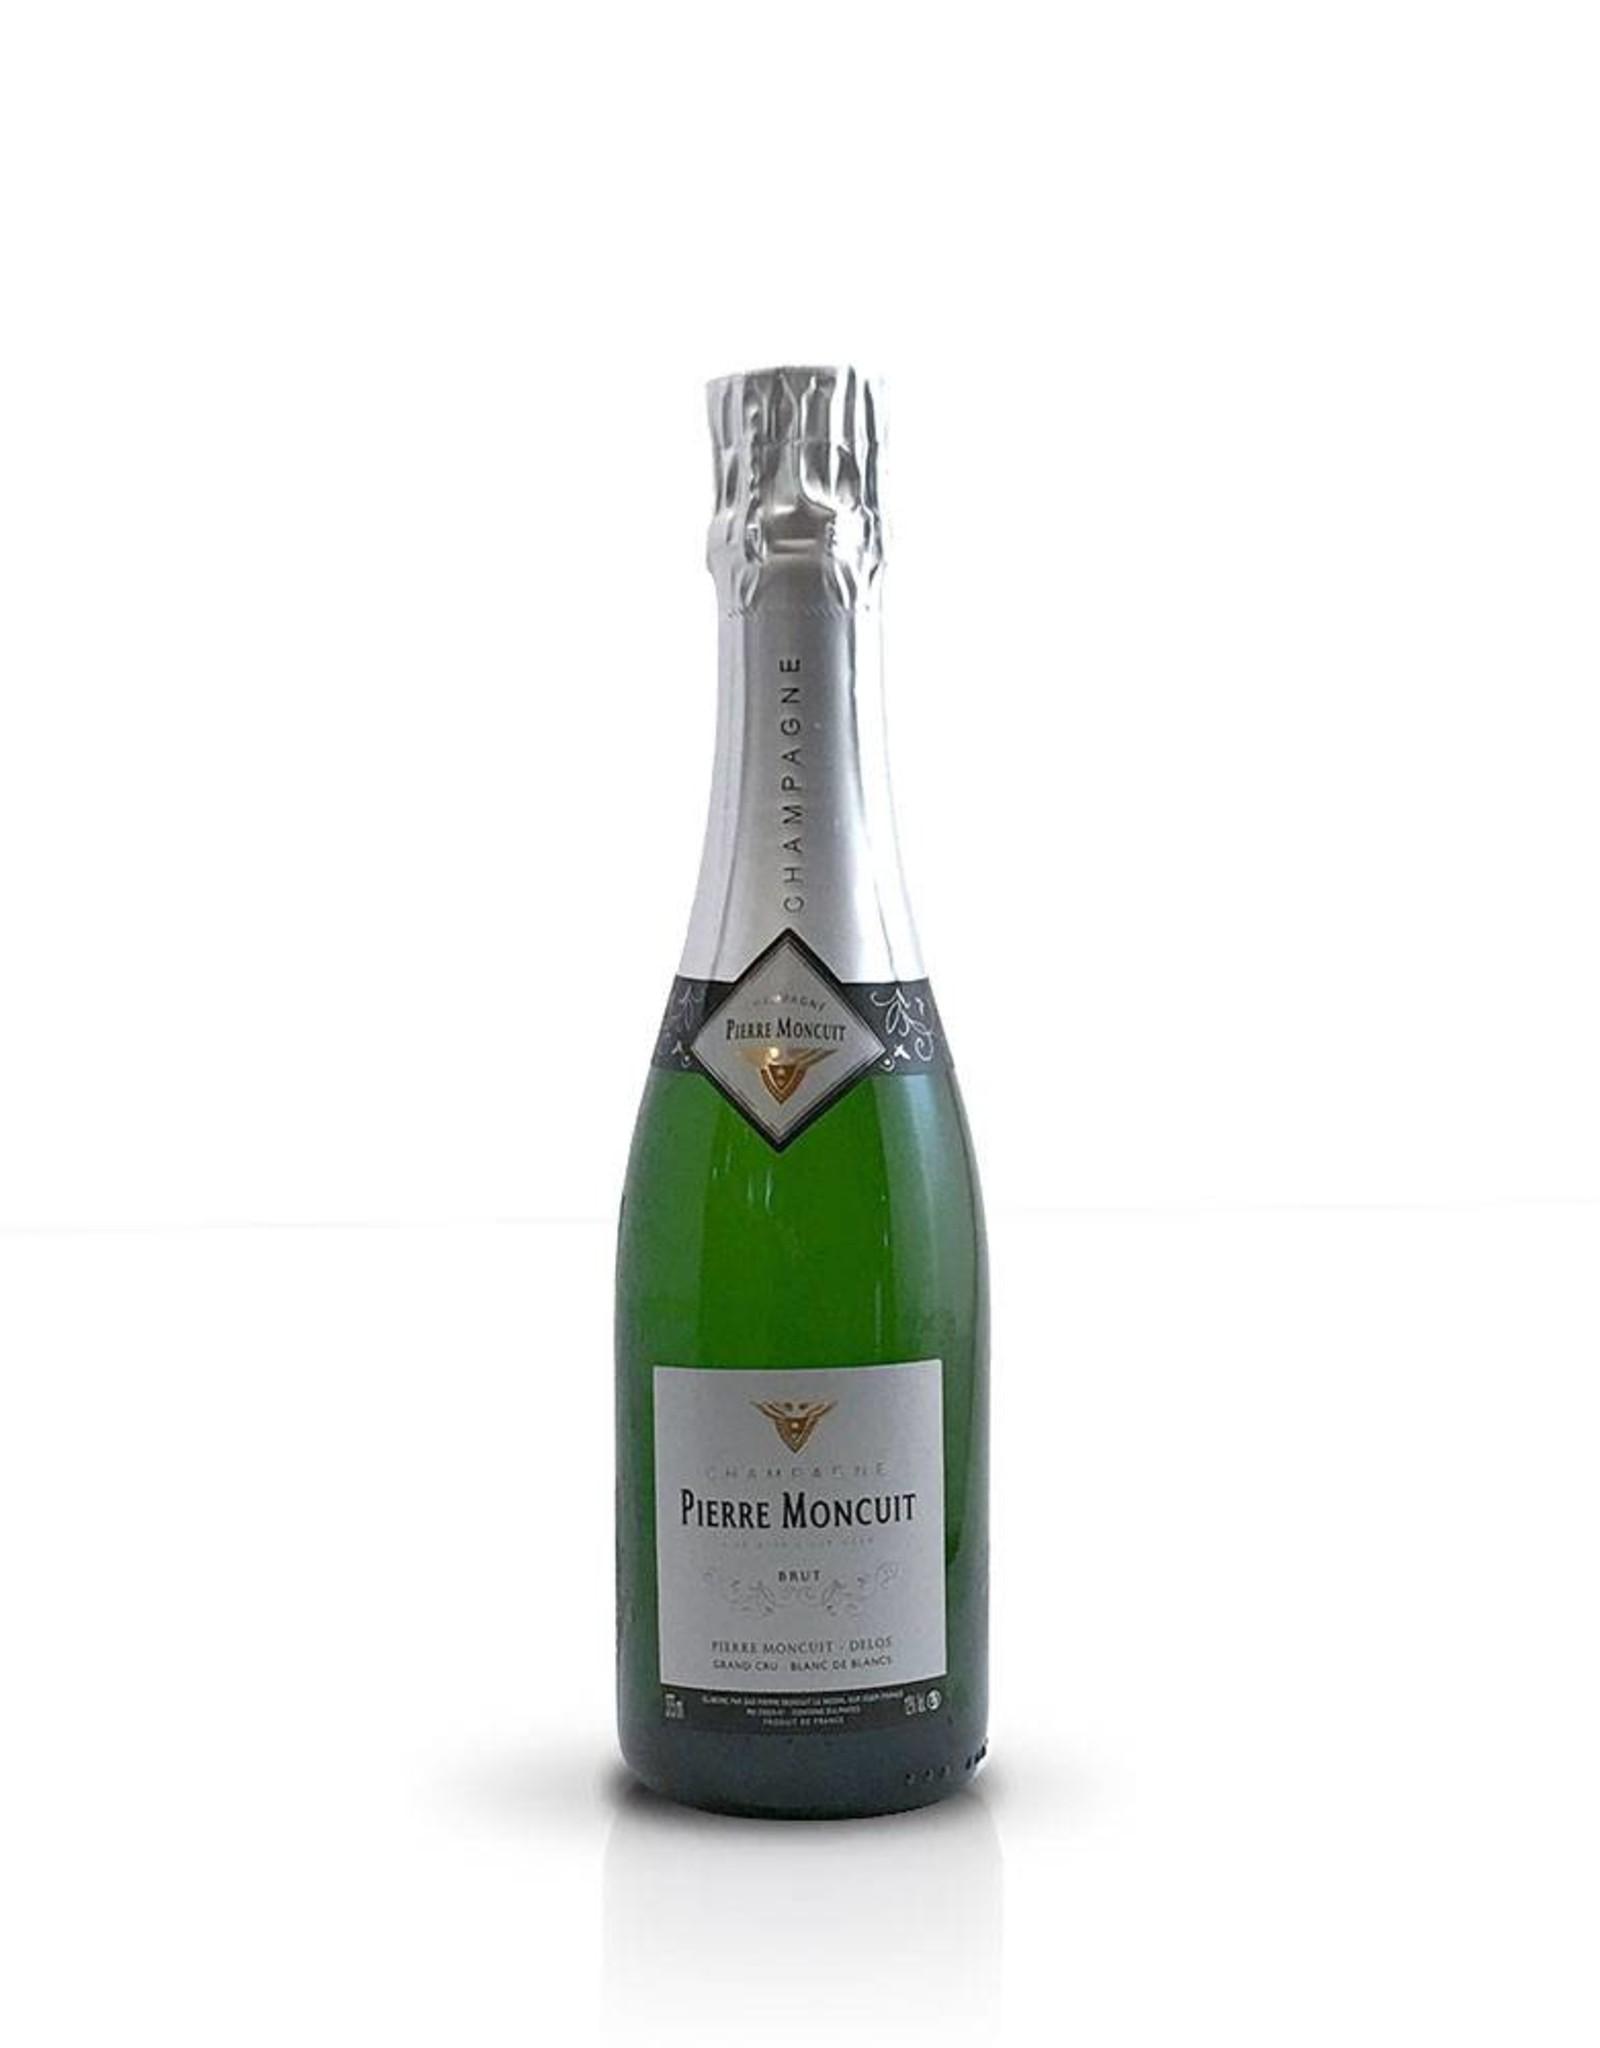 Pierre Moncuit Pierre Moncuit Champagne Grand Cru Blanc de Blancs